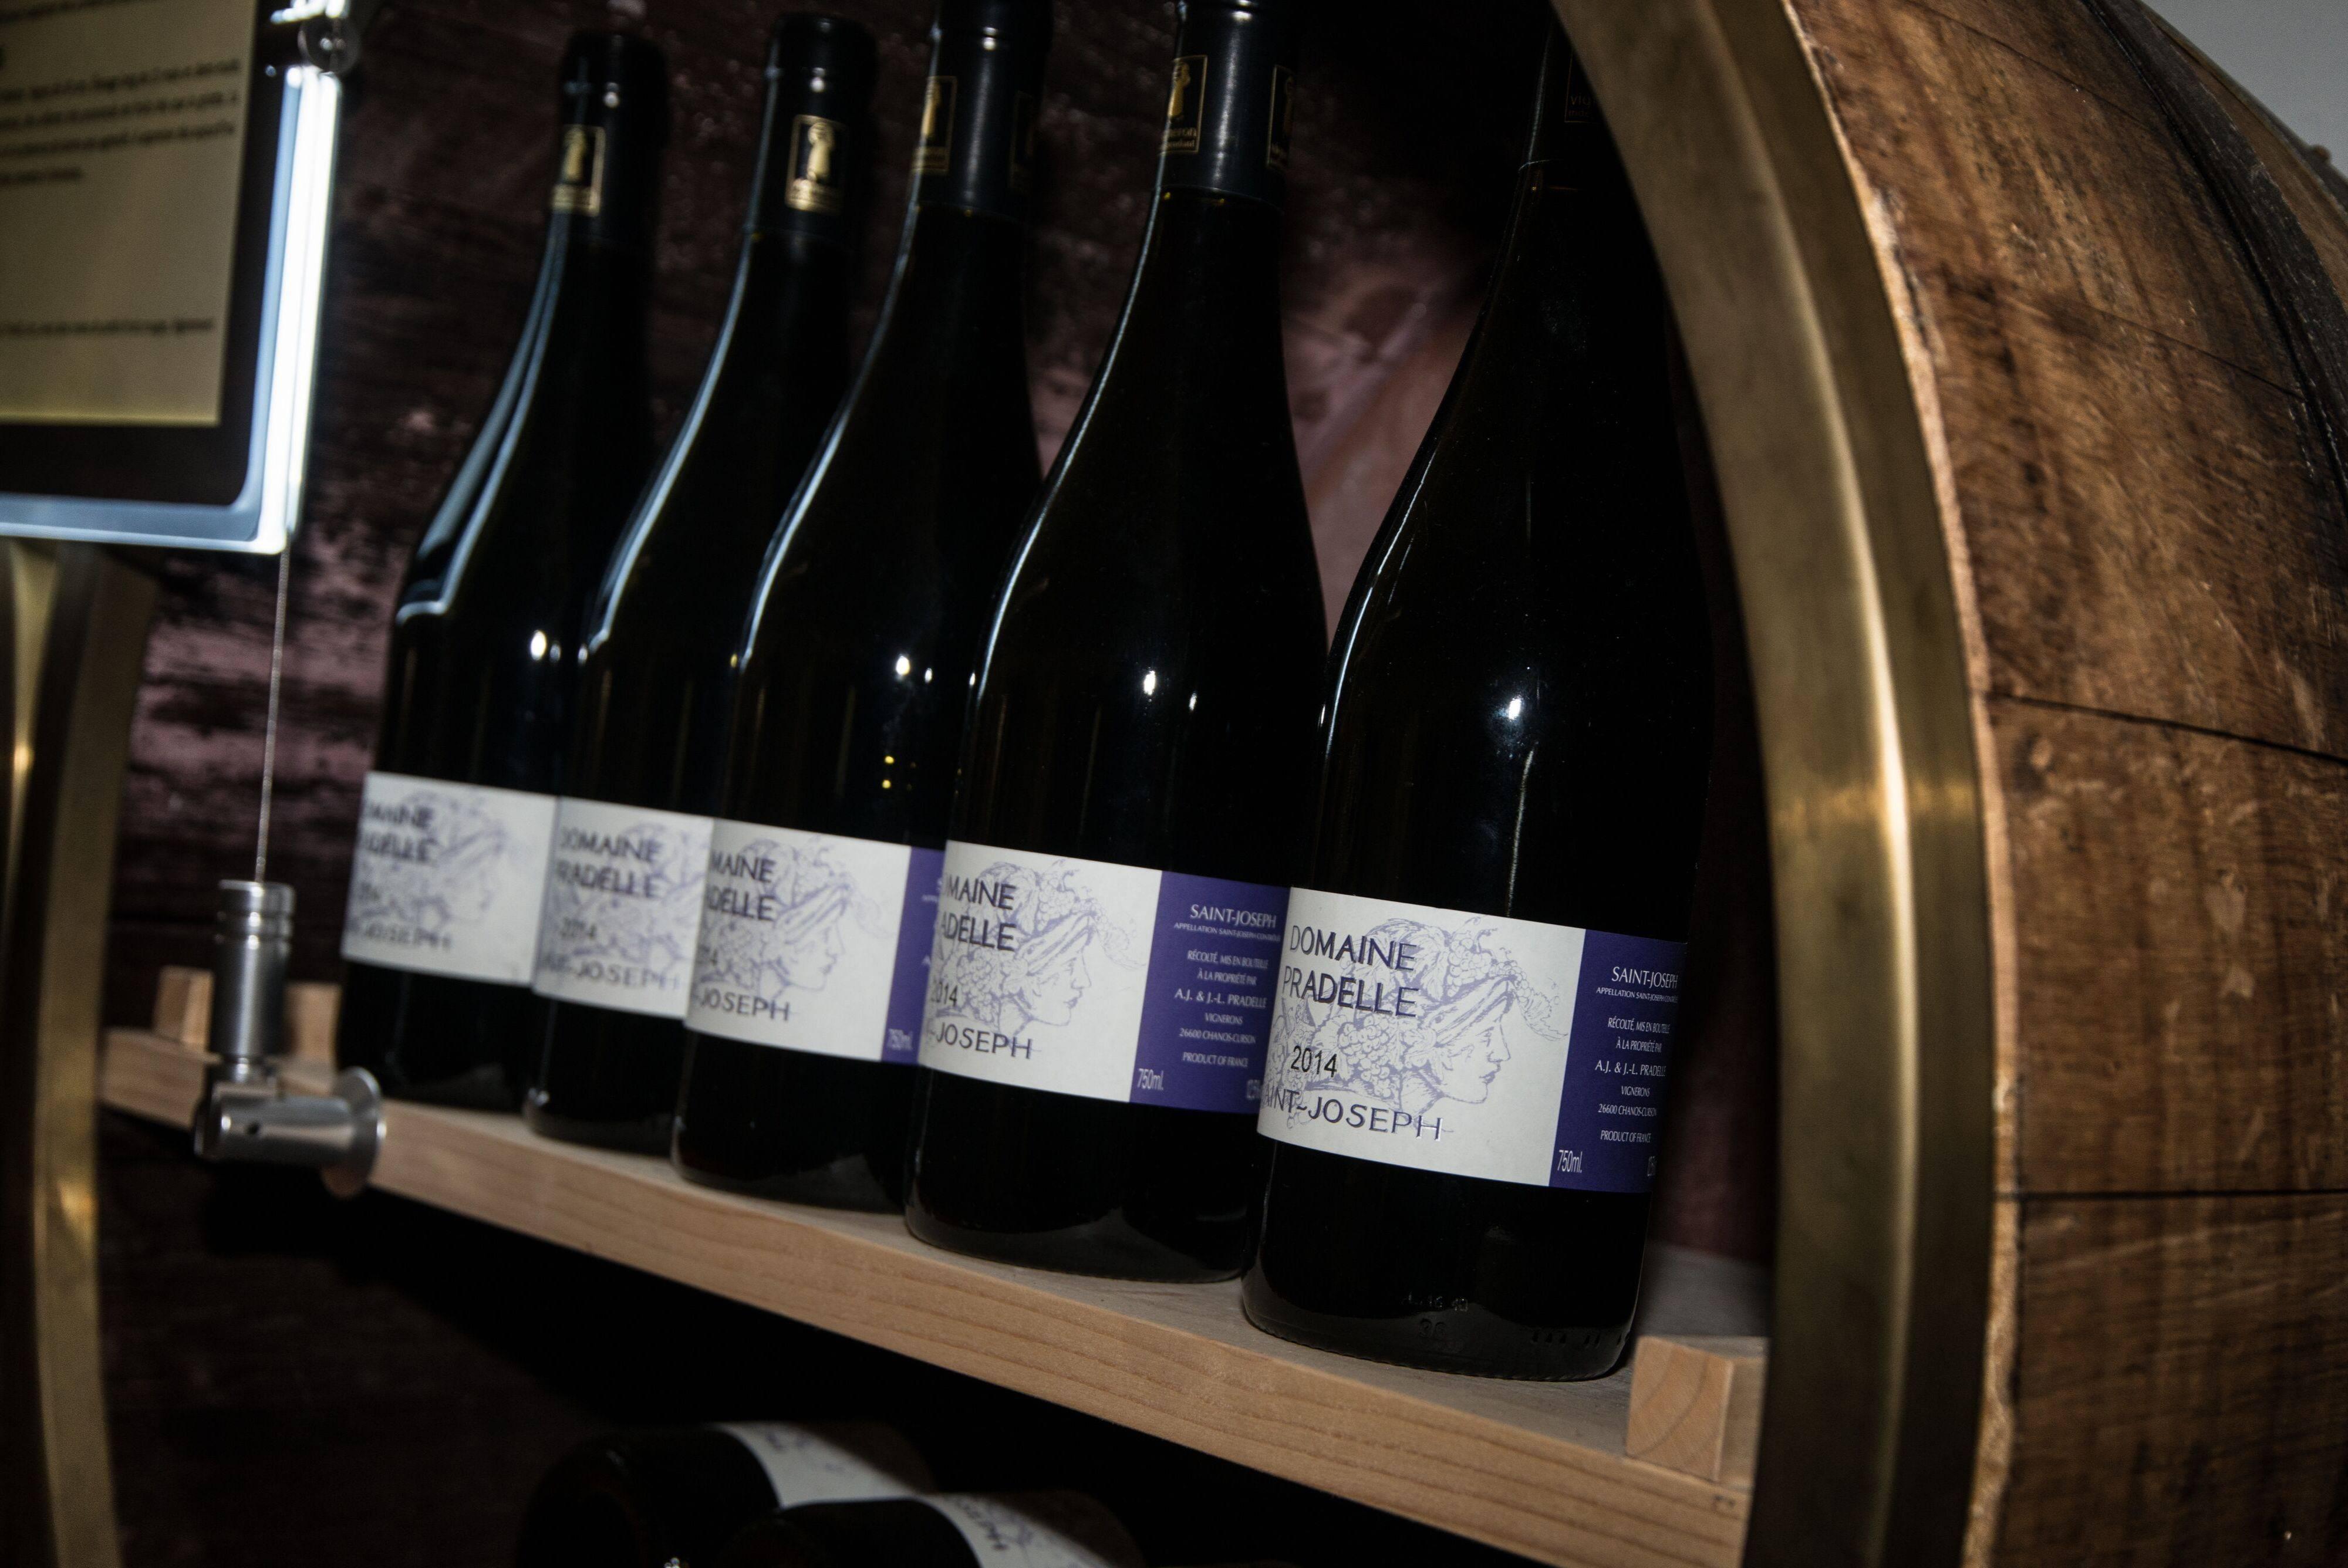 Vins pradelle